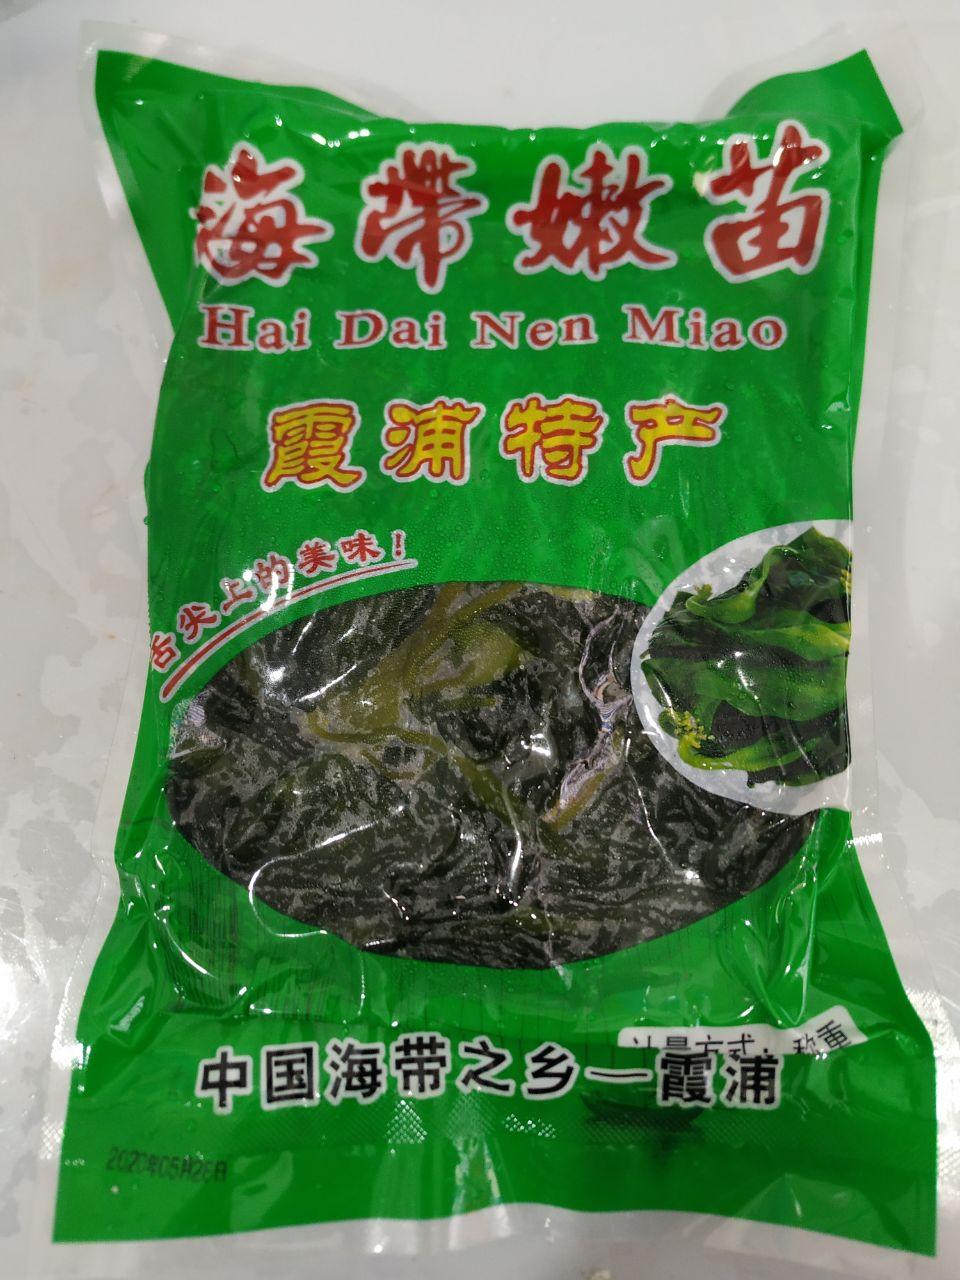 廠家直供 海帶苗 霞浦海帶嫩苗新鮮500g/包 火鍋涼拌小海帶海帶芽